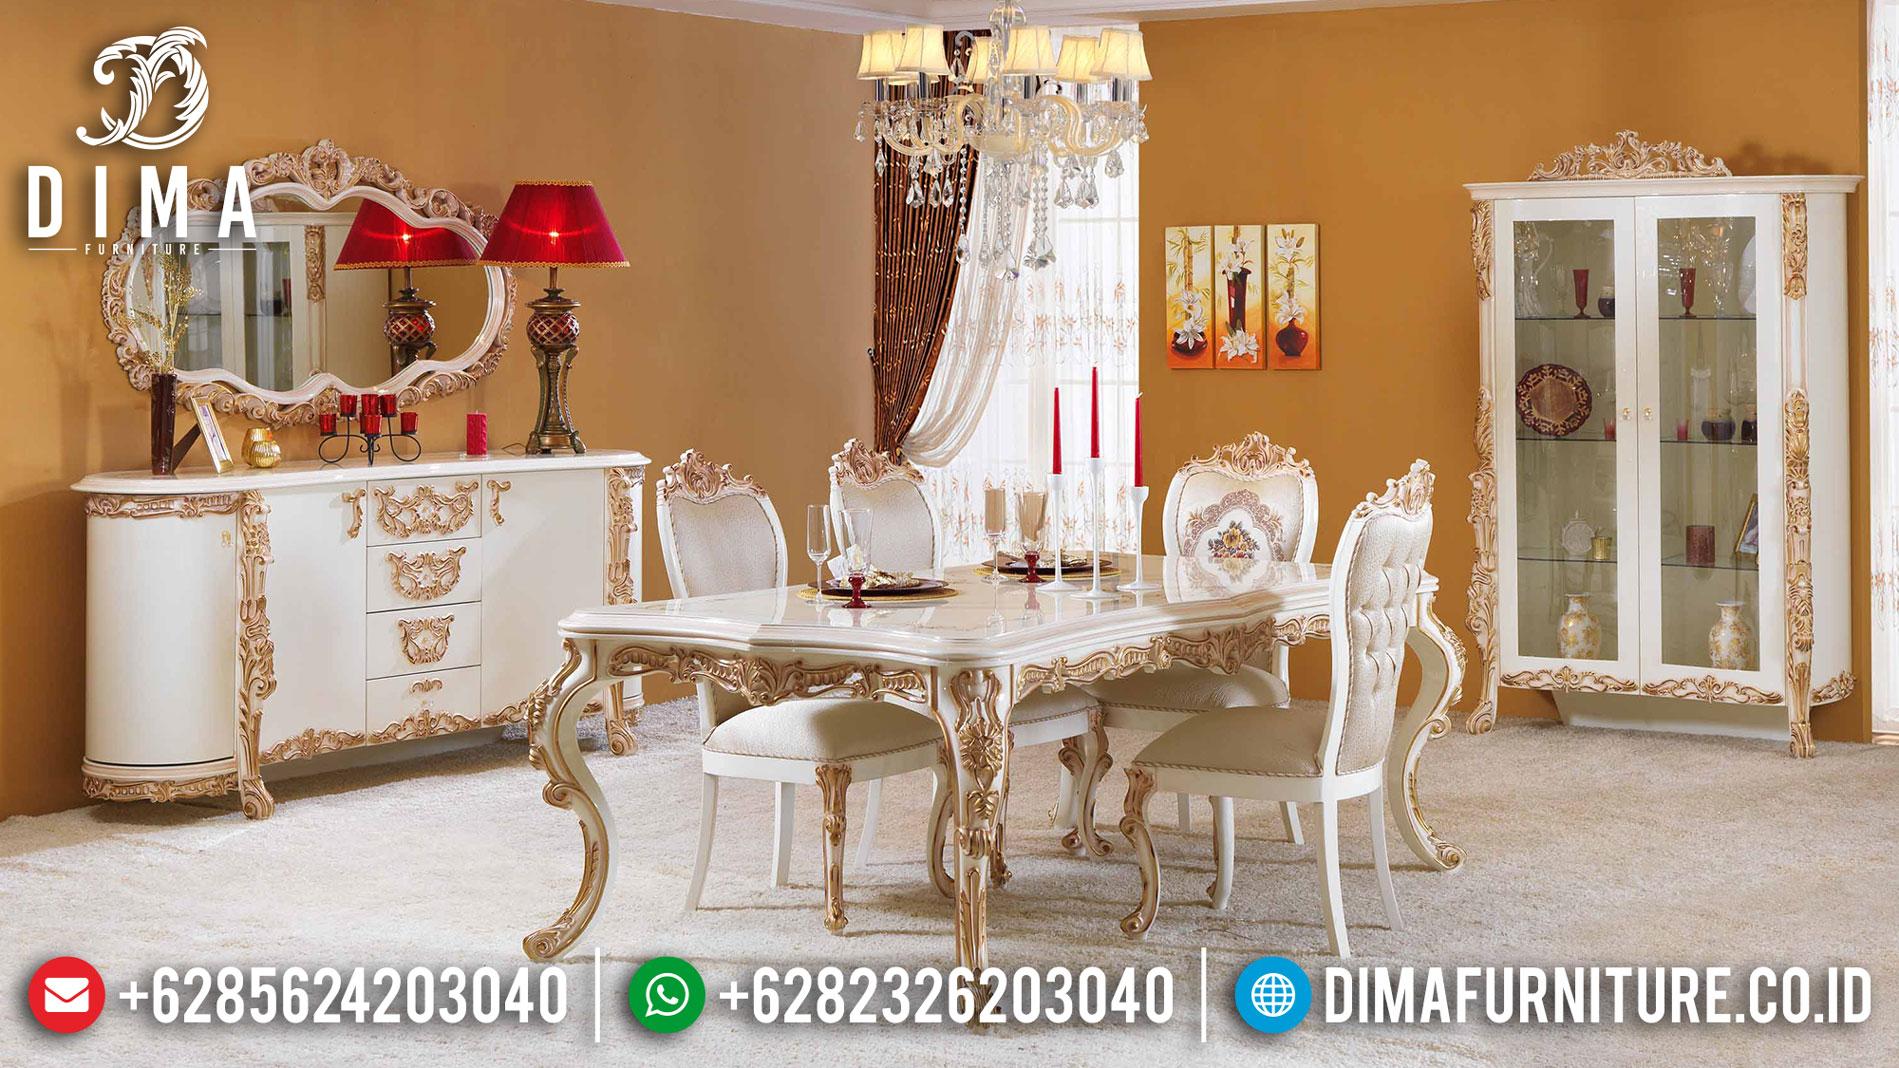 Harga Meja Makan Mewah Ukir Jepara Luxury Classic Elegant Design Mm-0753